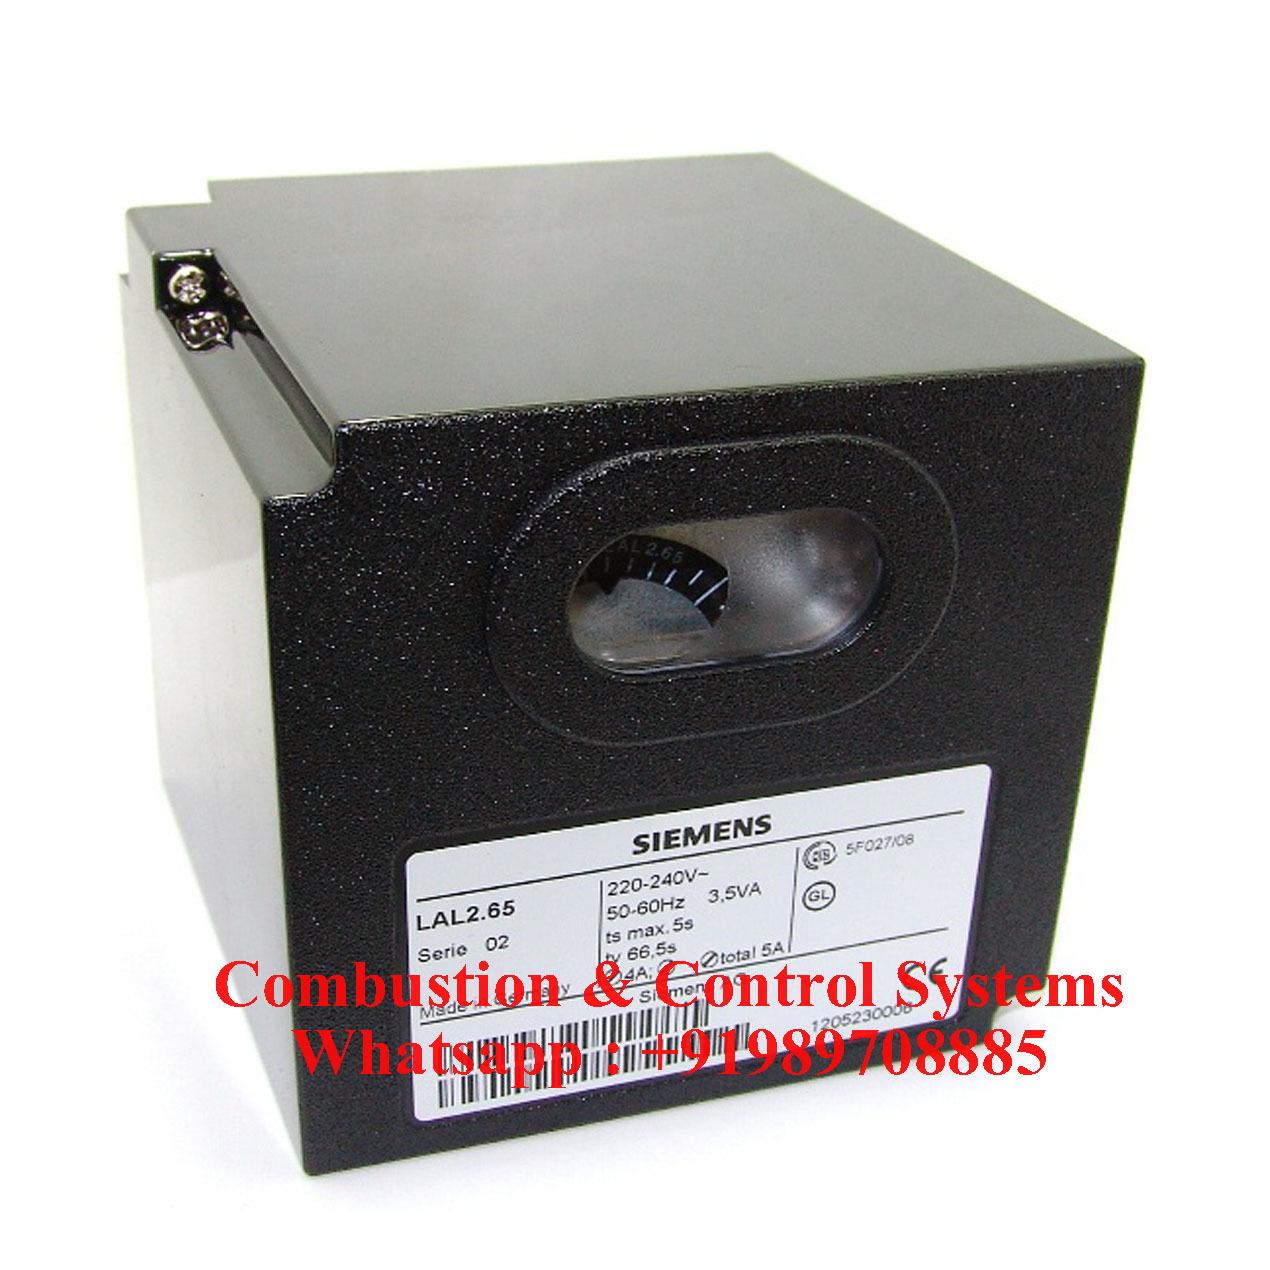 Boiler Sequence Controller LAL 2.65